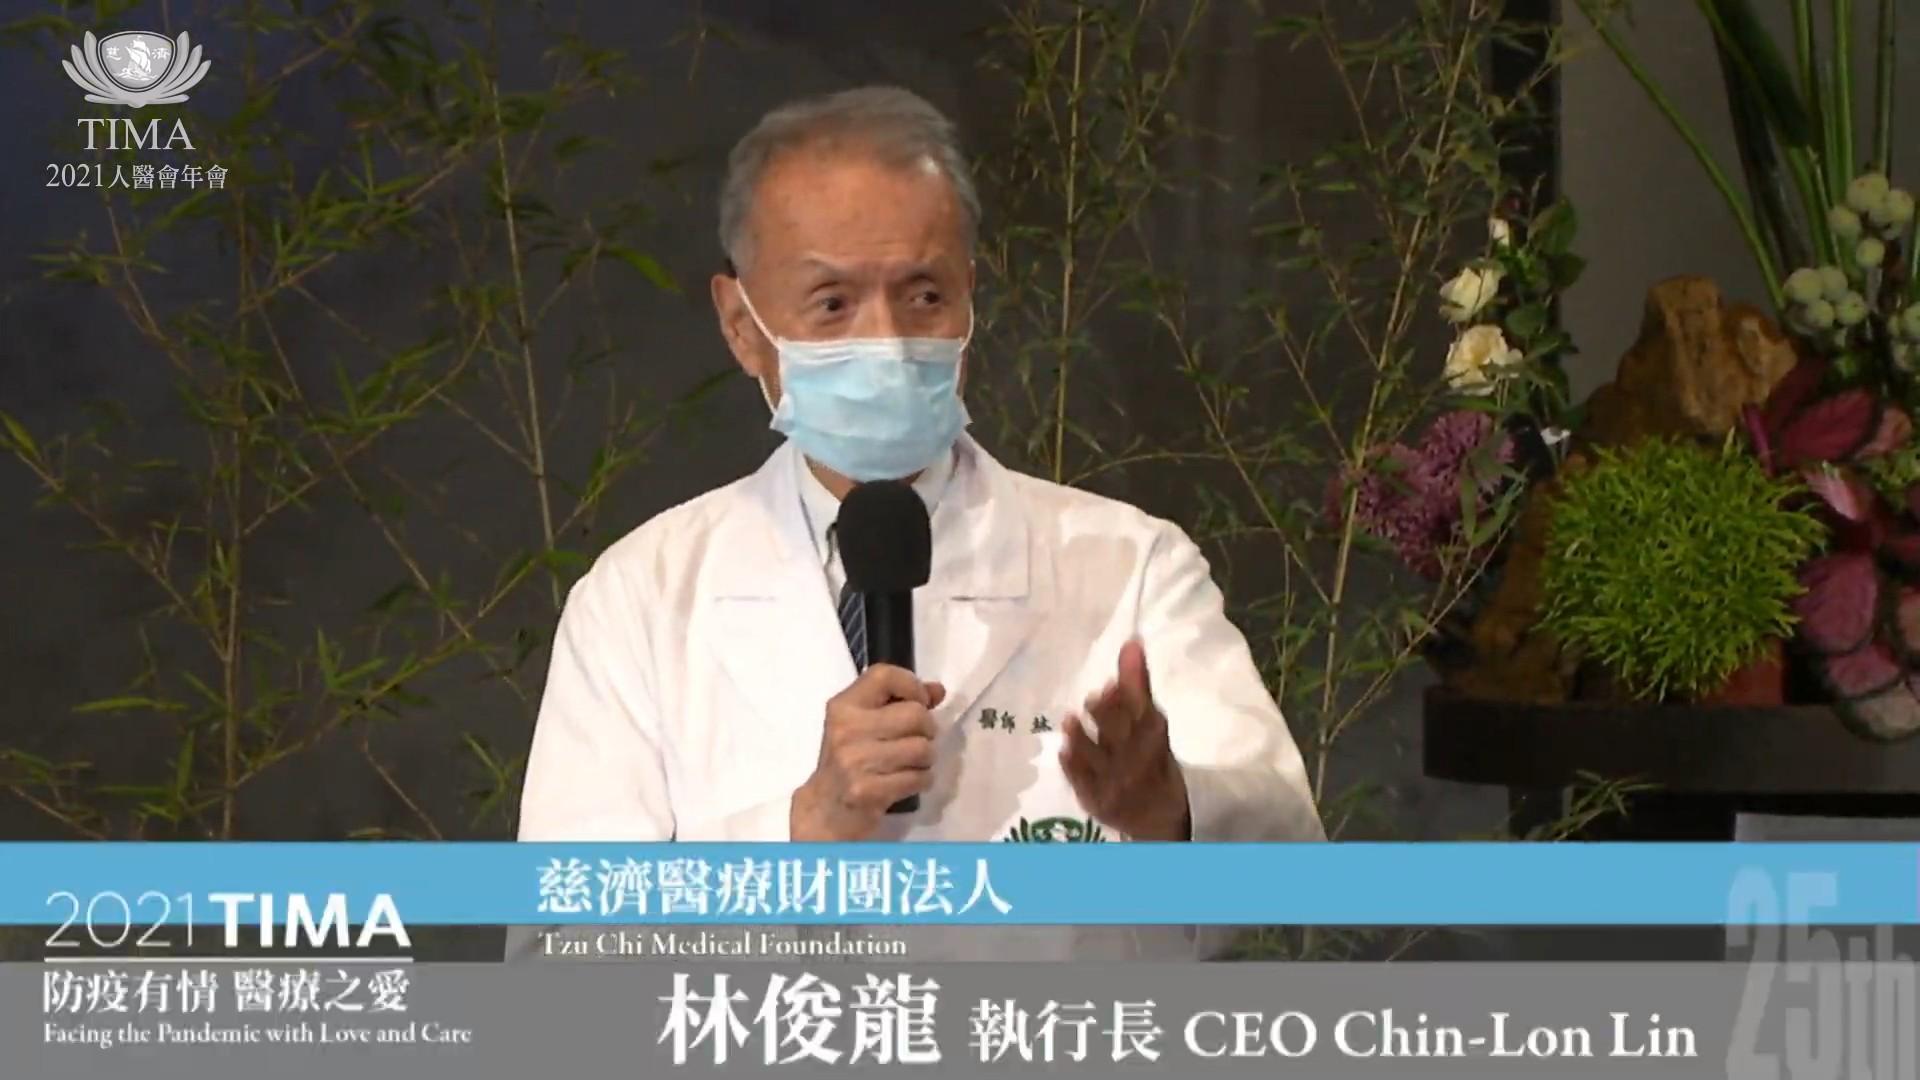 國際慈濟人醫會(Tzu Chi International Medical Association,簡稱TIMA)二十五周年,慈濟醫療志業執行長林俊龍主持揭開研習序幕。